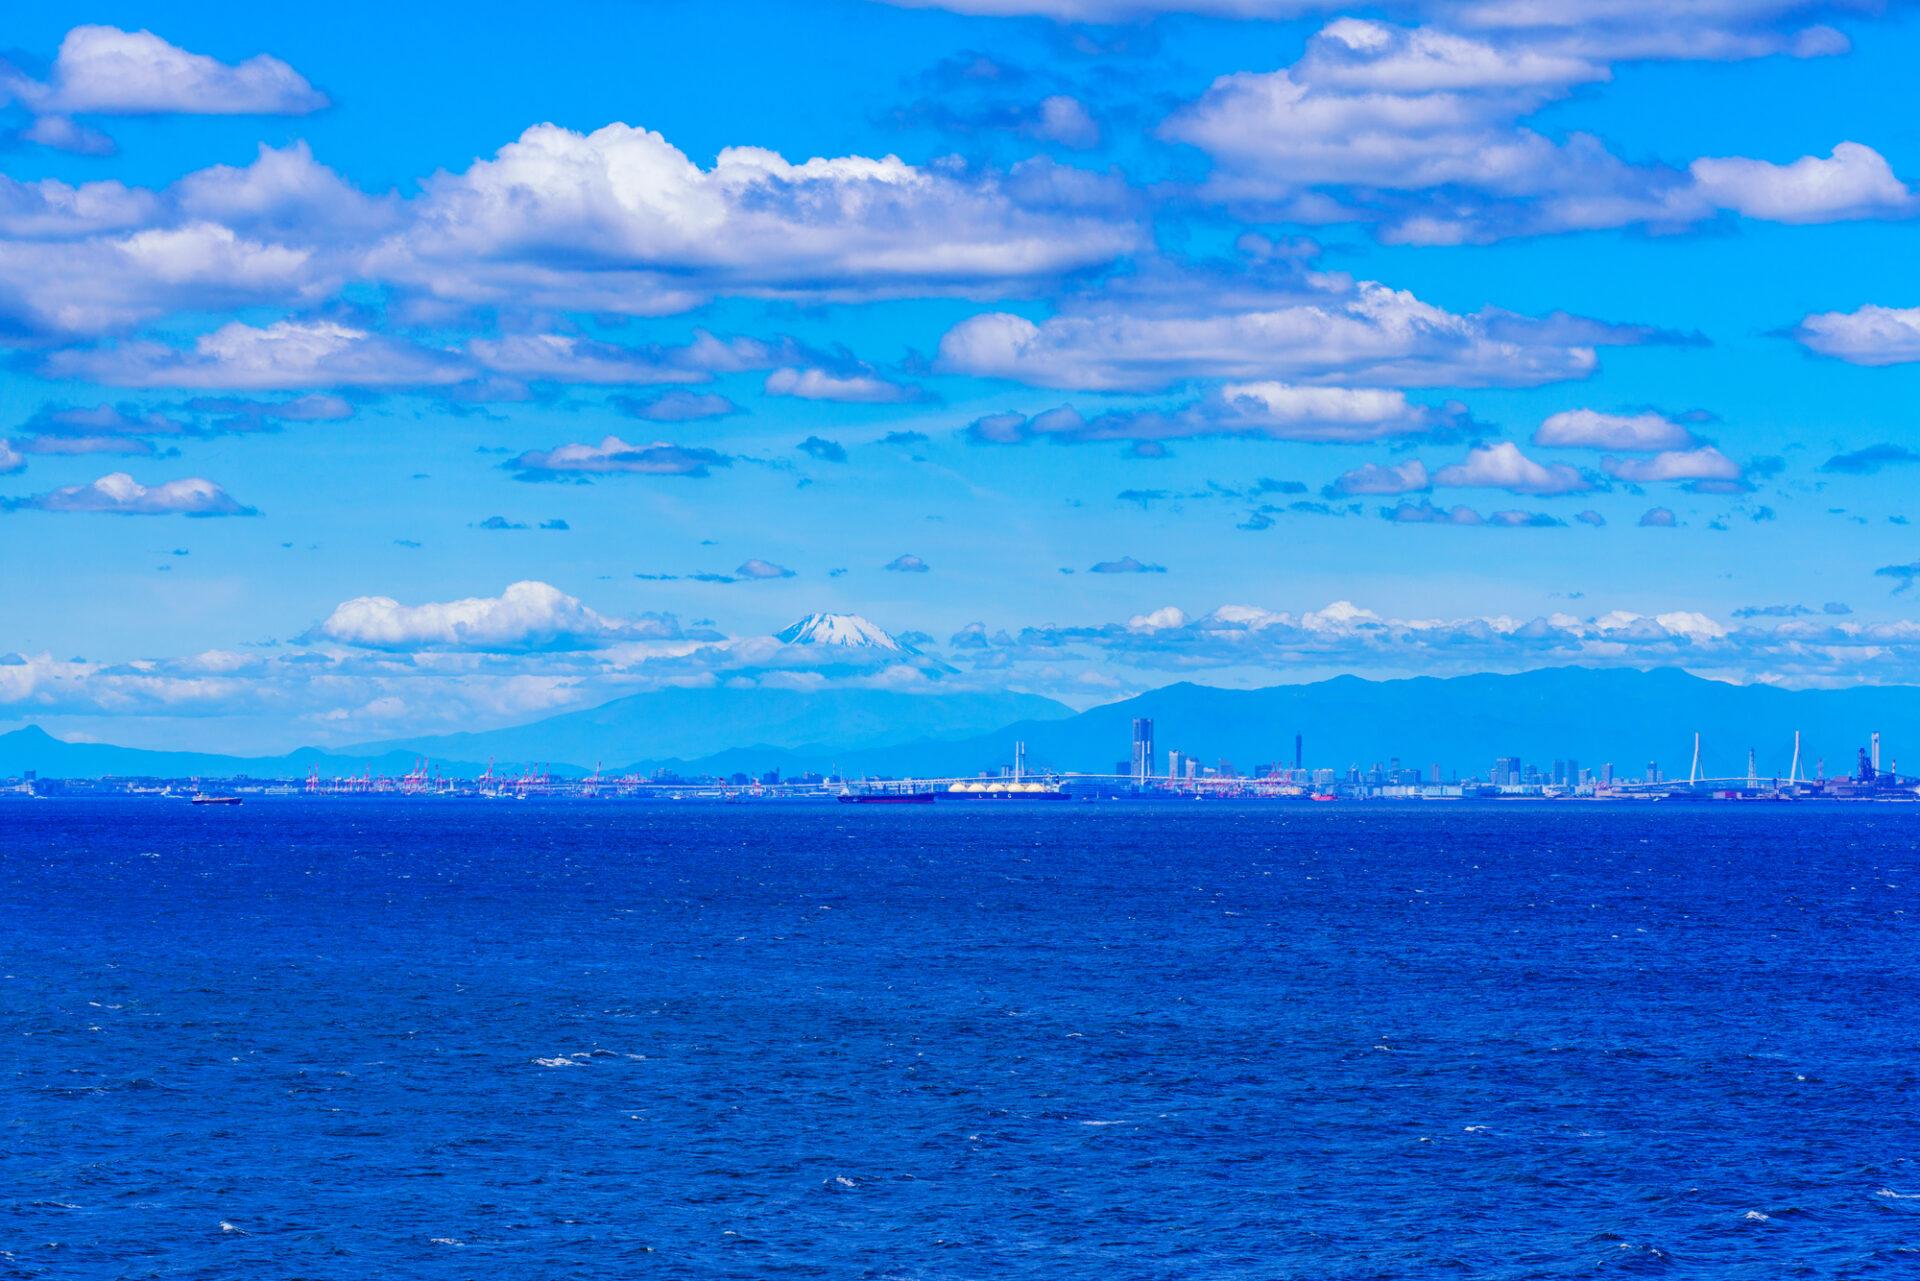 うっすらと見える都会と広大な海